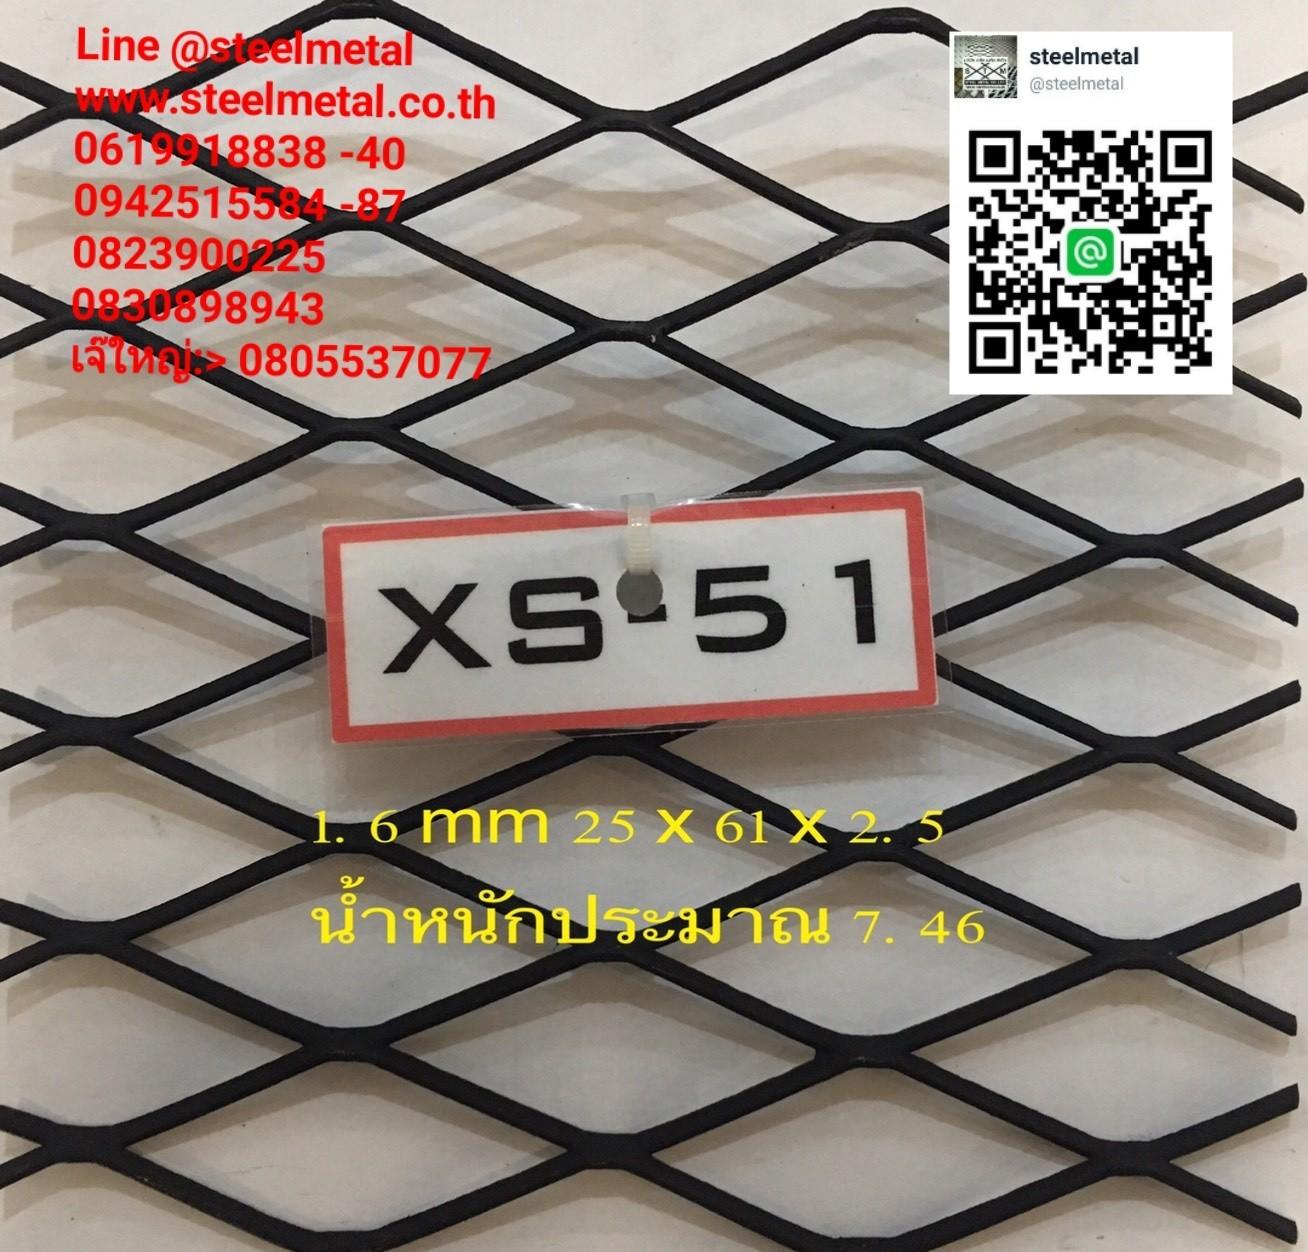 ตะแกรงเหล็กฉีกXS51